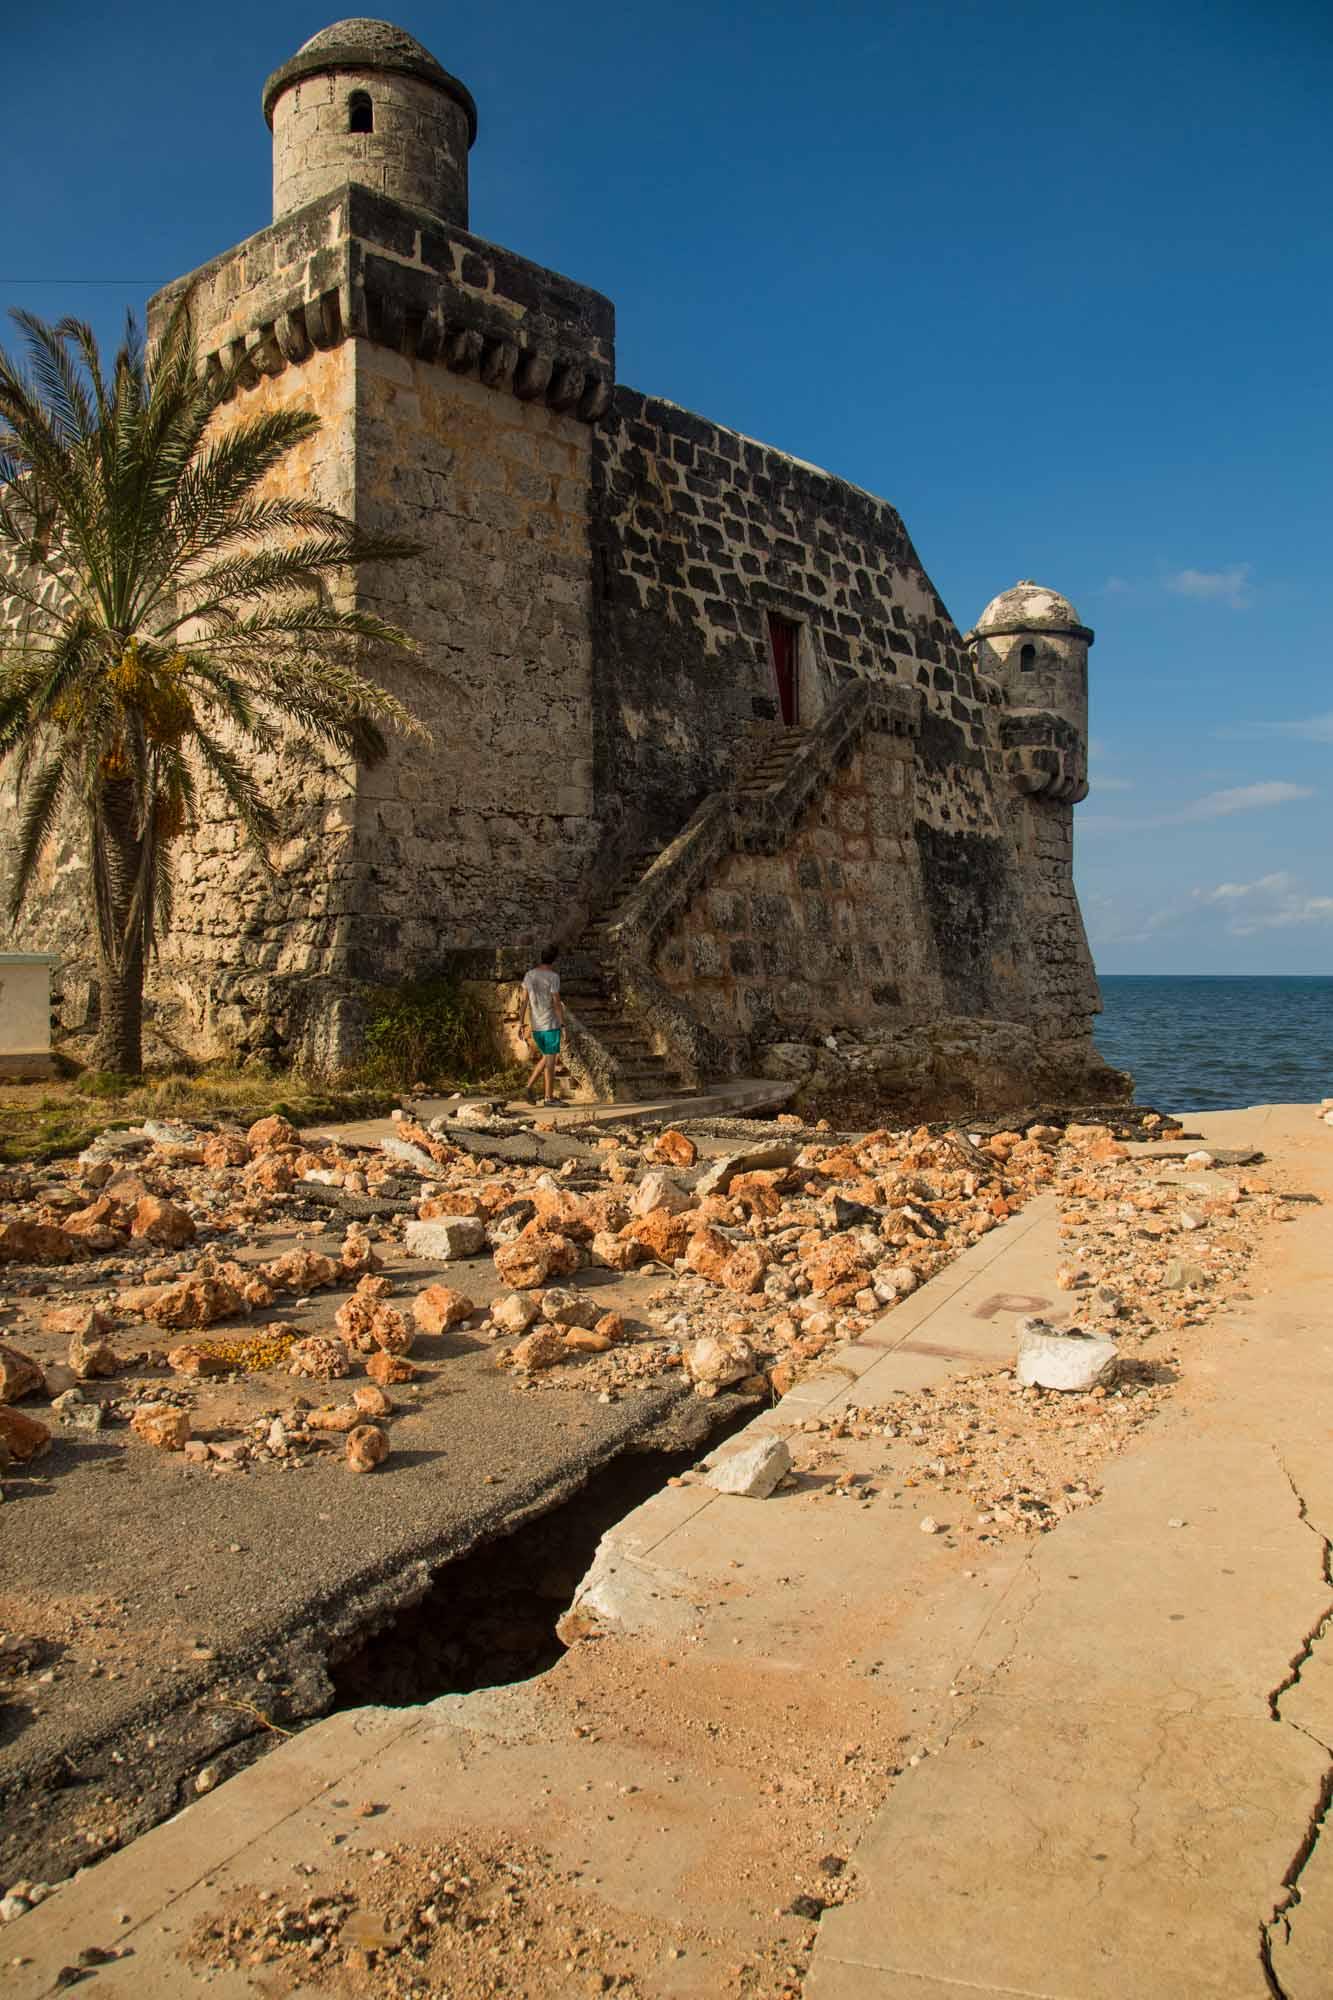 """Para acercarse a """"El Castillito"""" hay que hacerlo con cuidado porque la calle quedó hueca por la fuerza del mar (Foto: Jorge Ricardo)"""